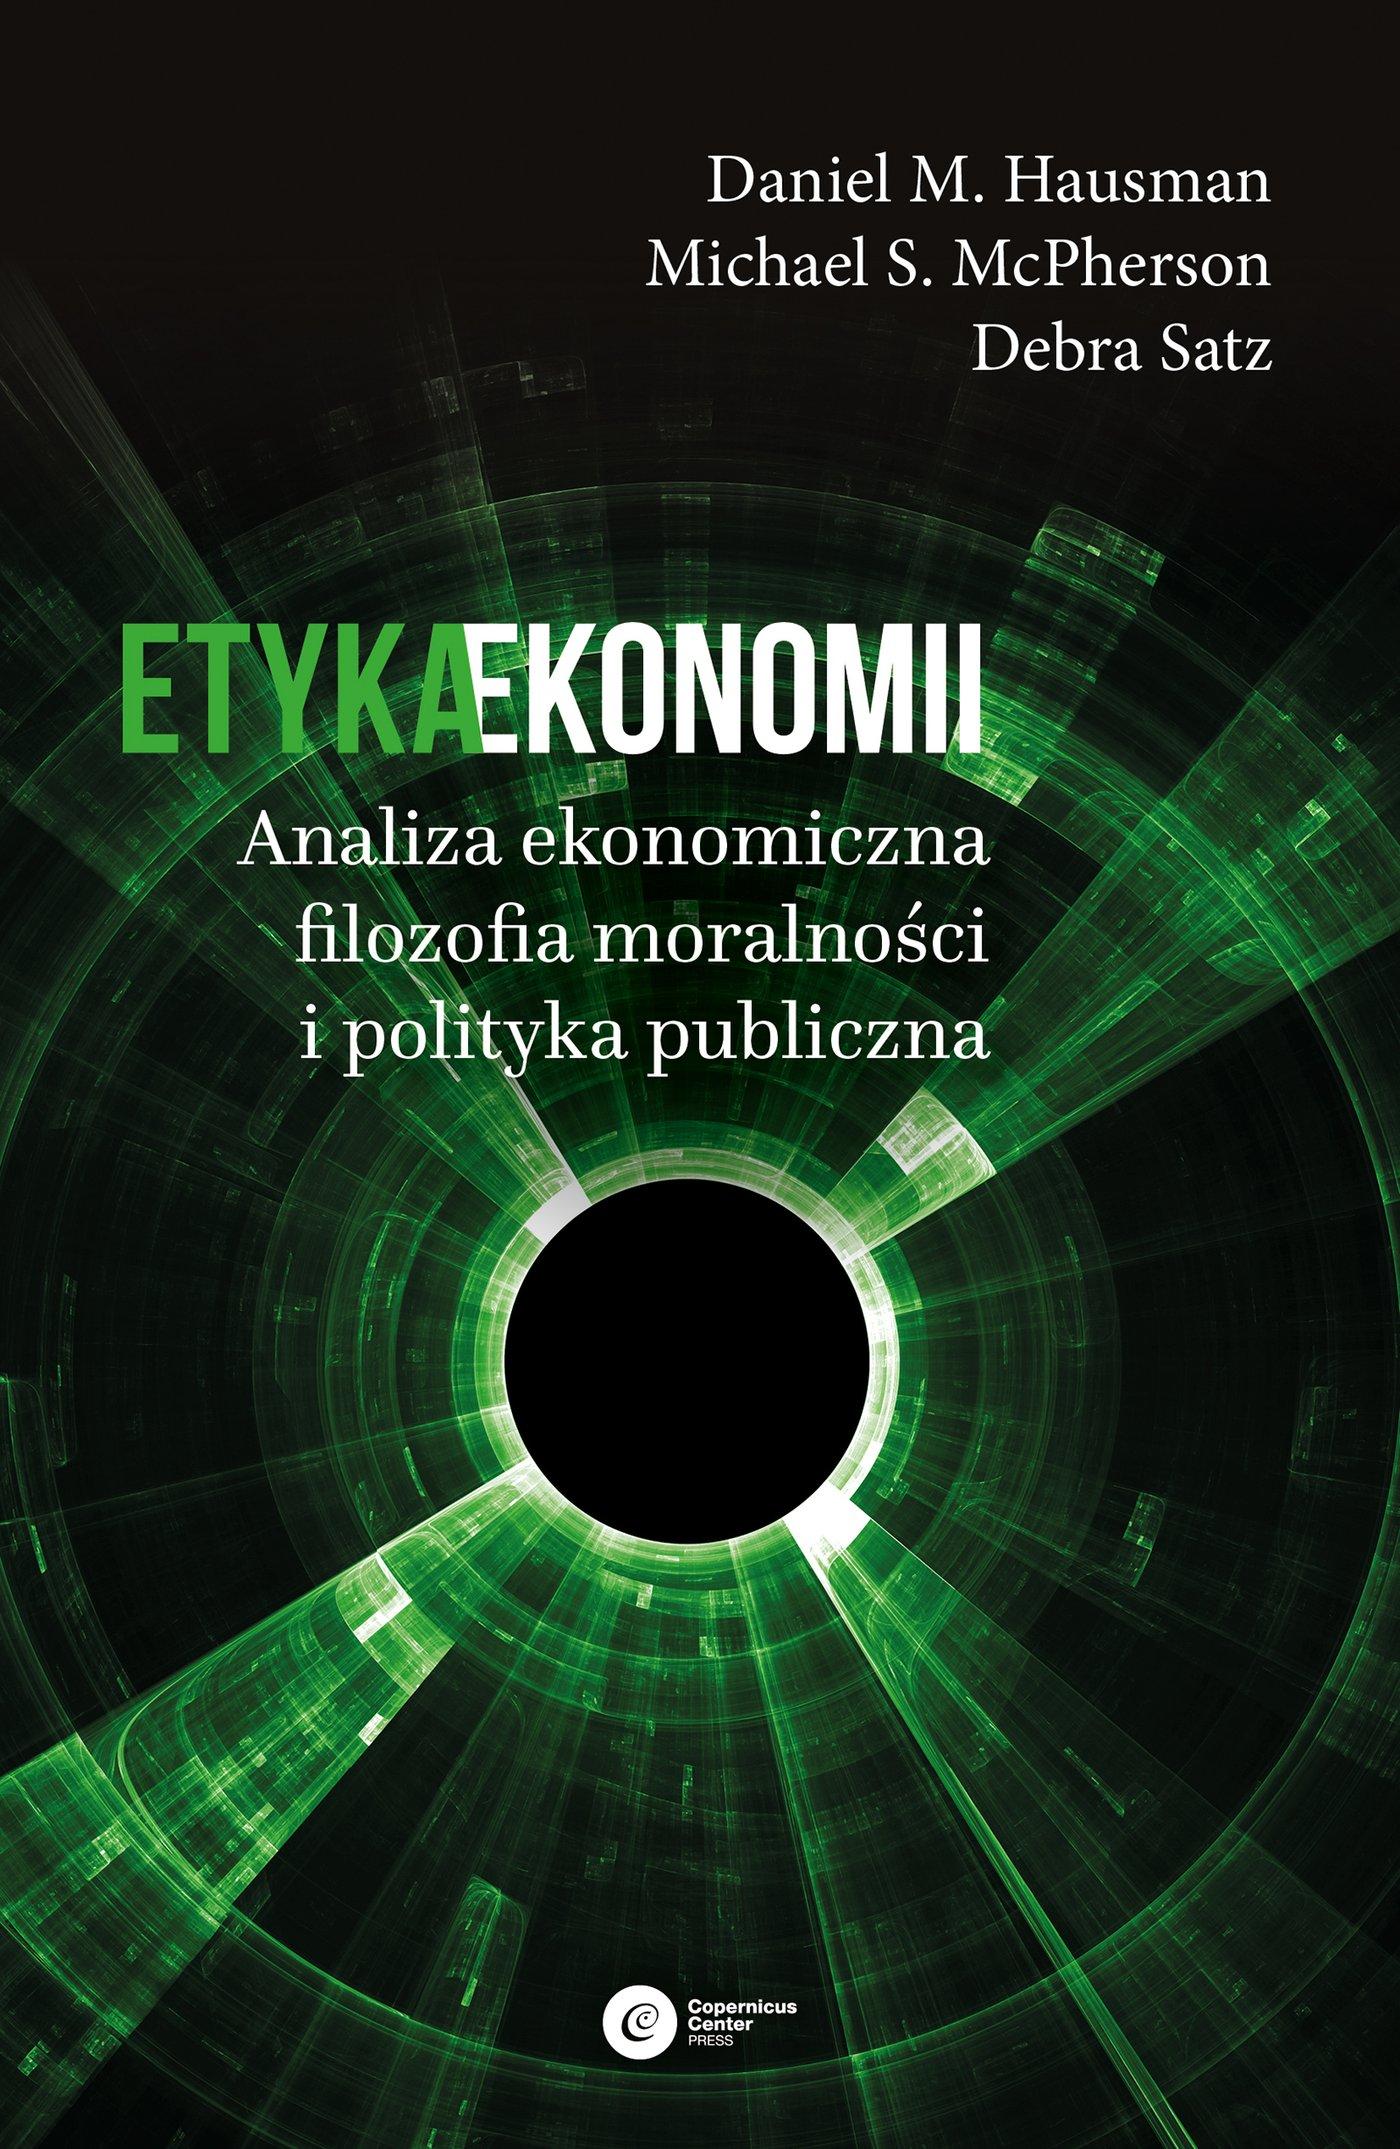 Etyka ekonomii - Ebook (Książka na Kindle) do pobrania w formacie MOBI